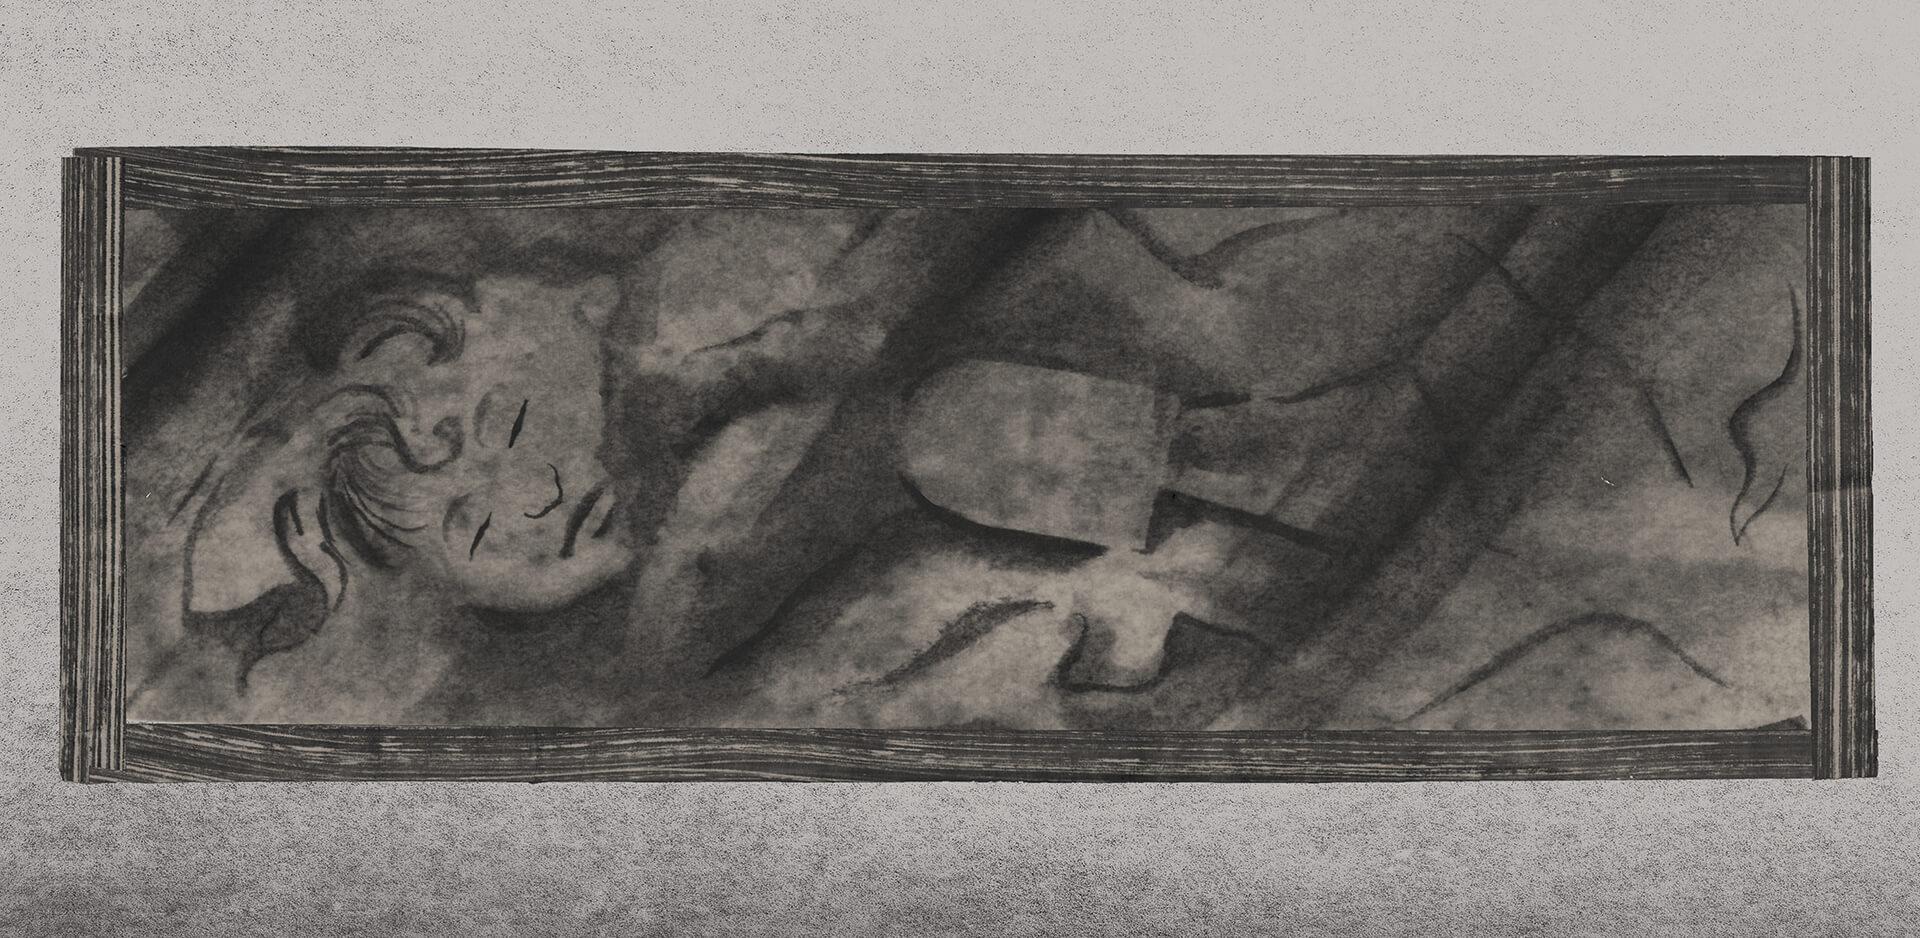 Mumiomania